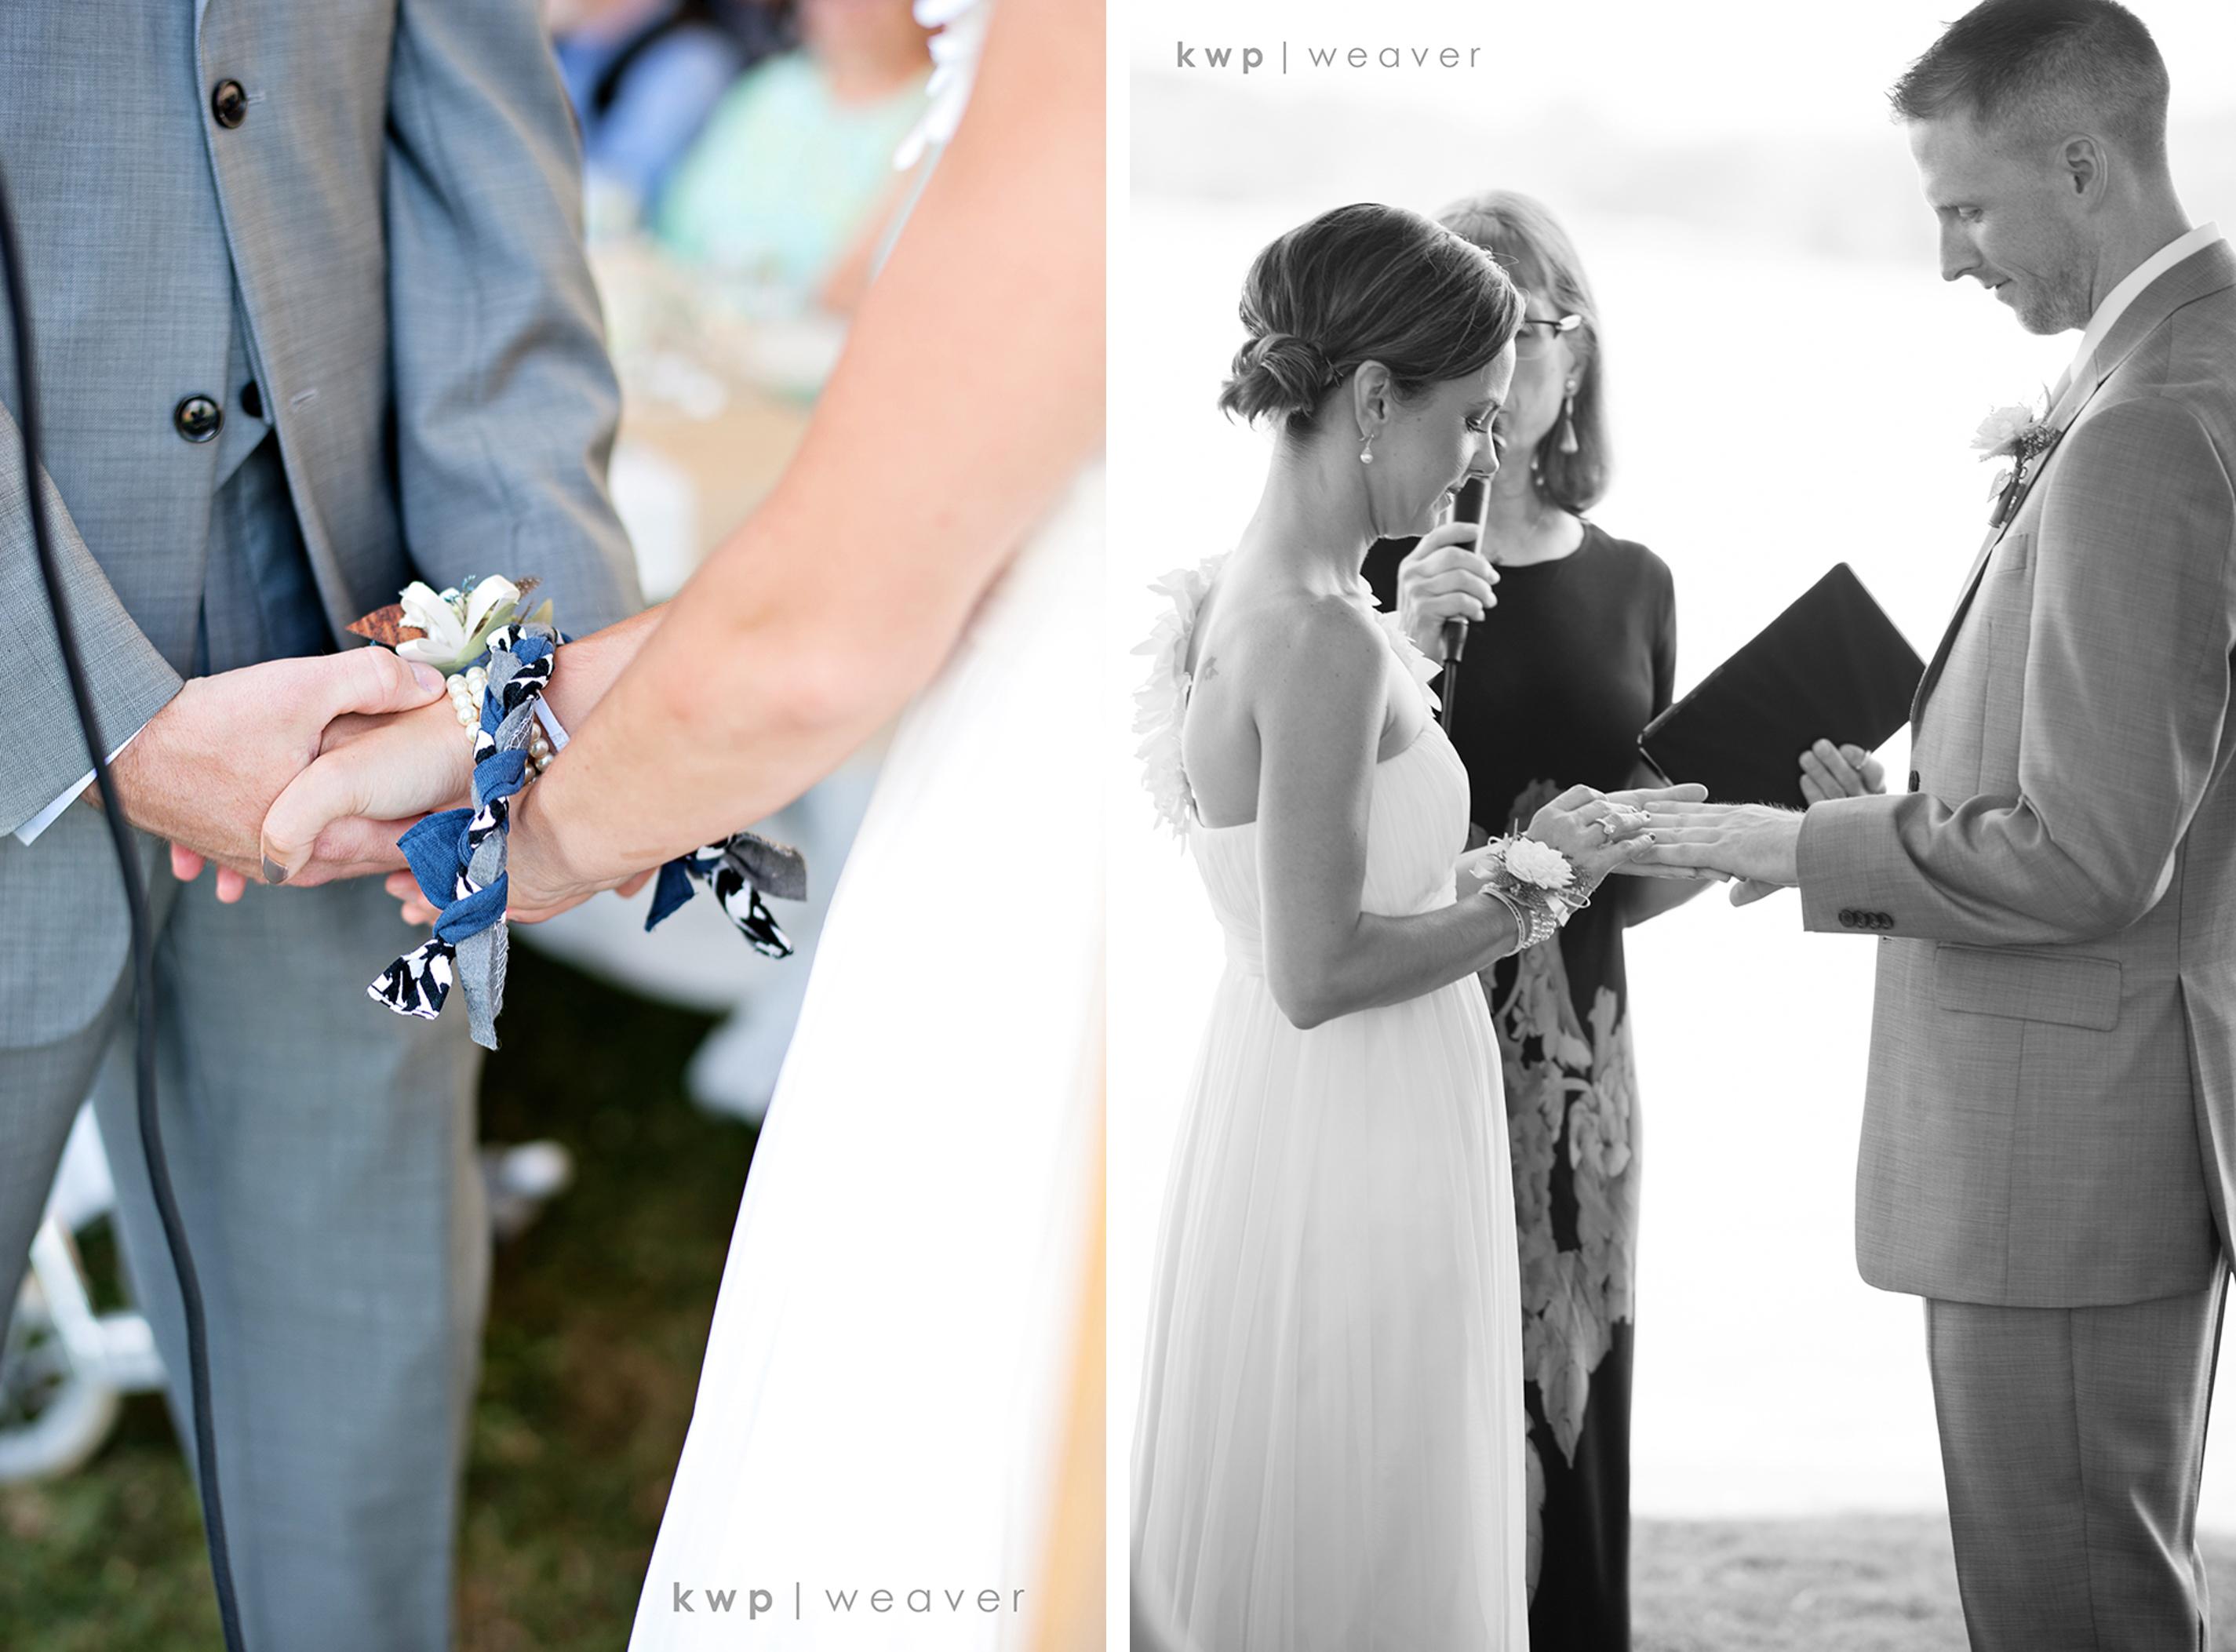 wedding braided cord